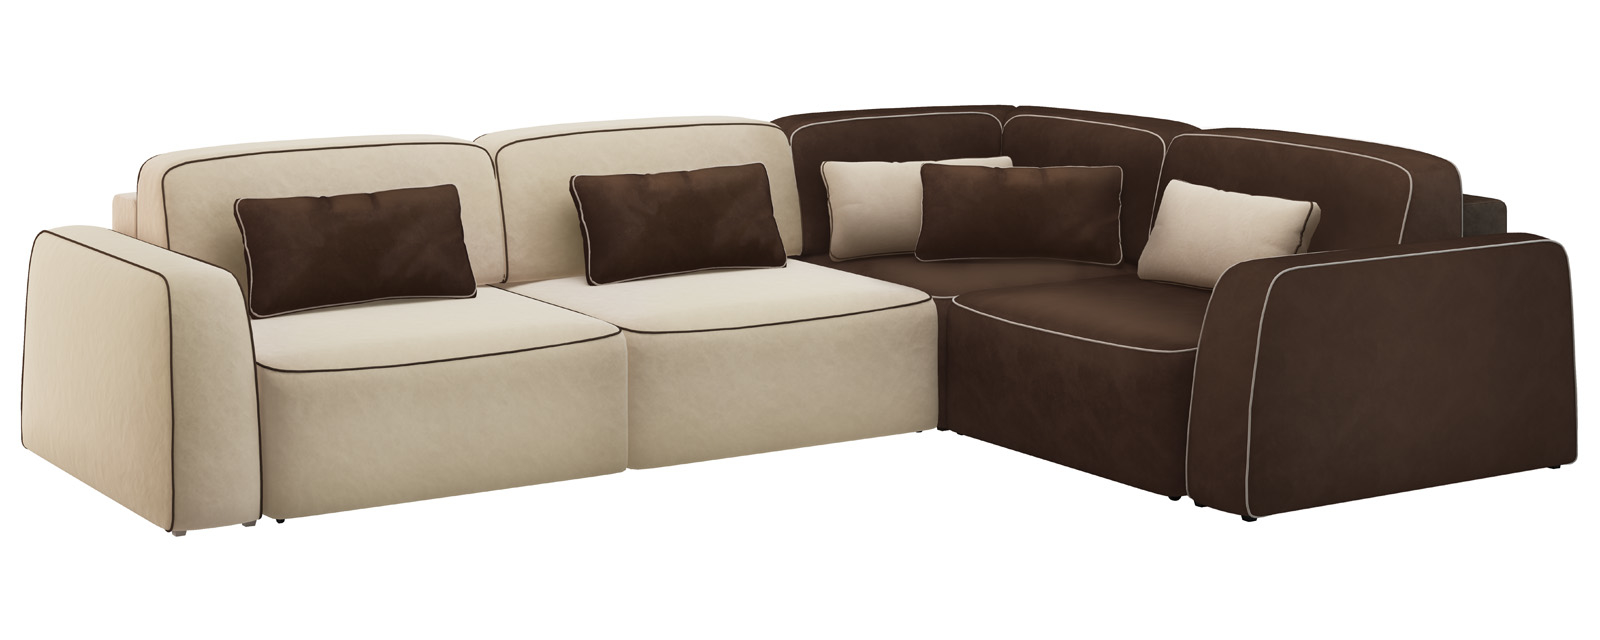 Модульный диван Портленд 350 см Вариант №1 Velure бежевый/темно-коричневый (Велюр)